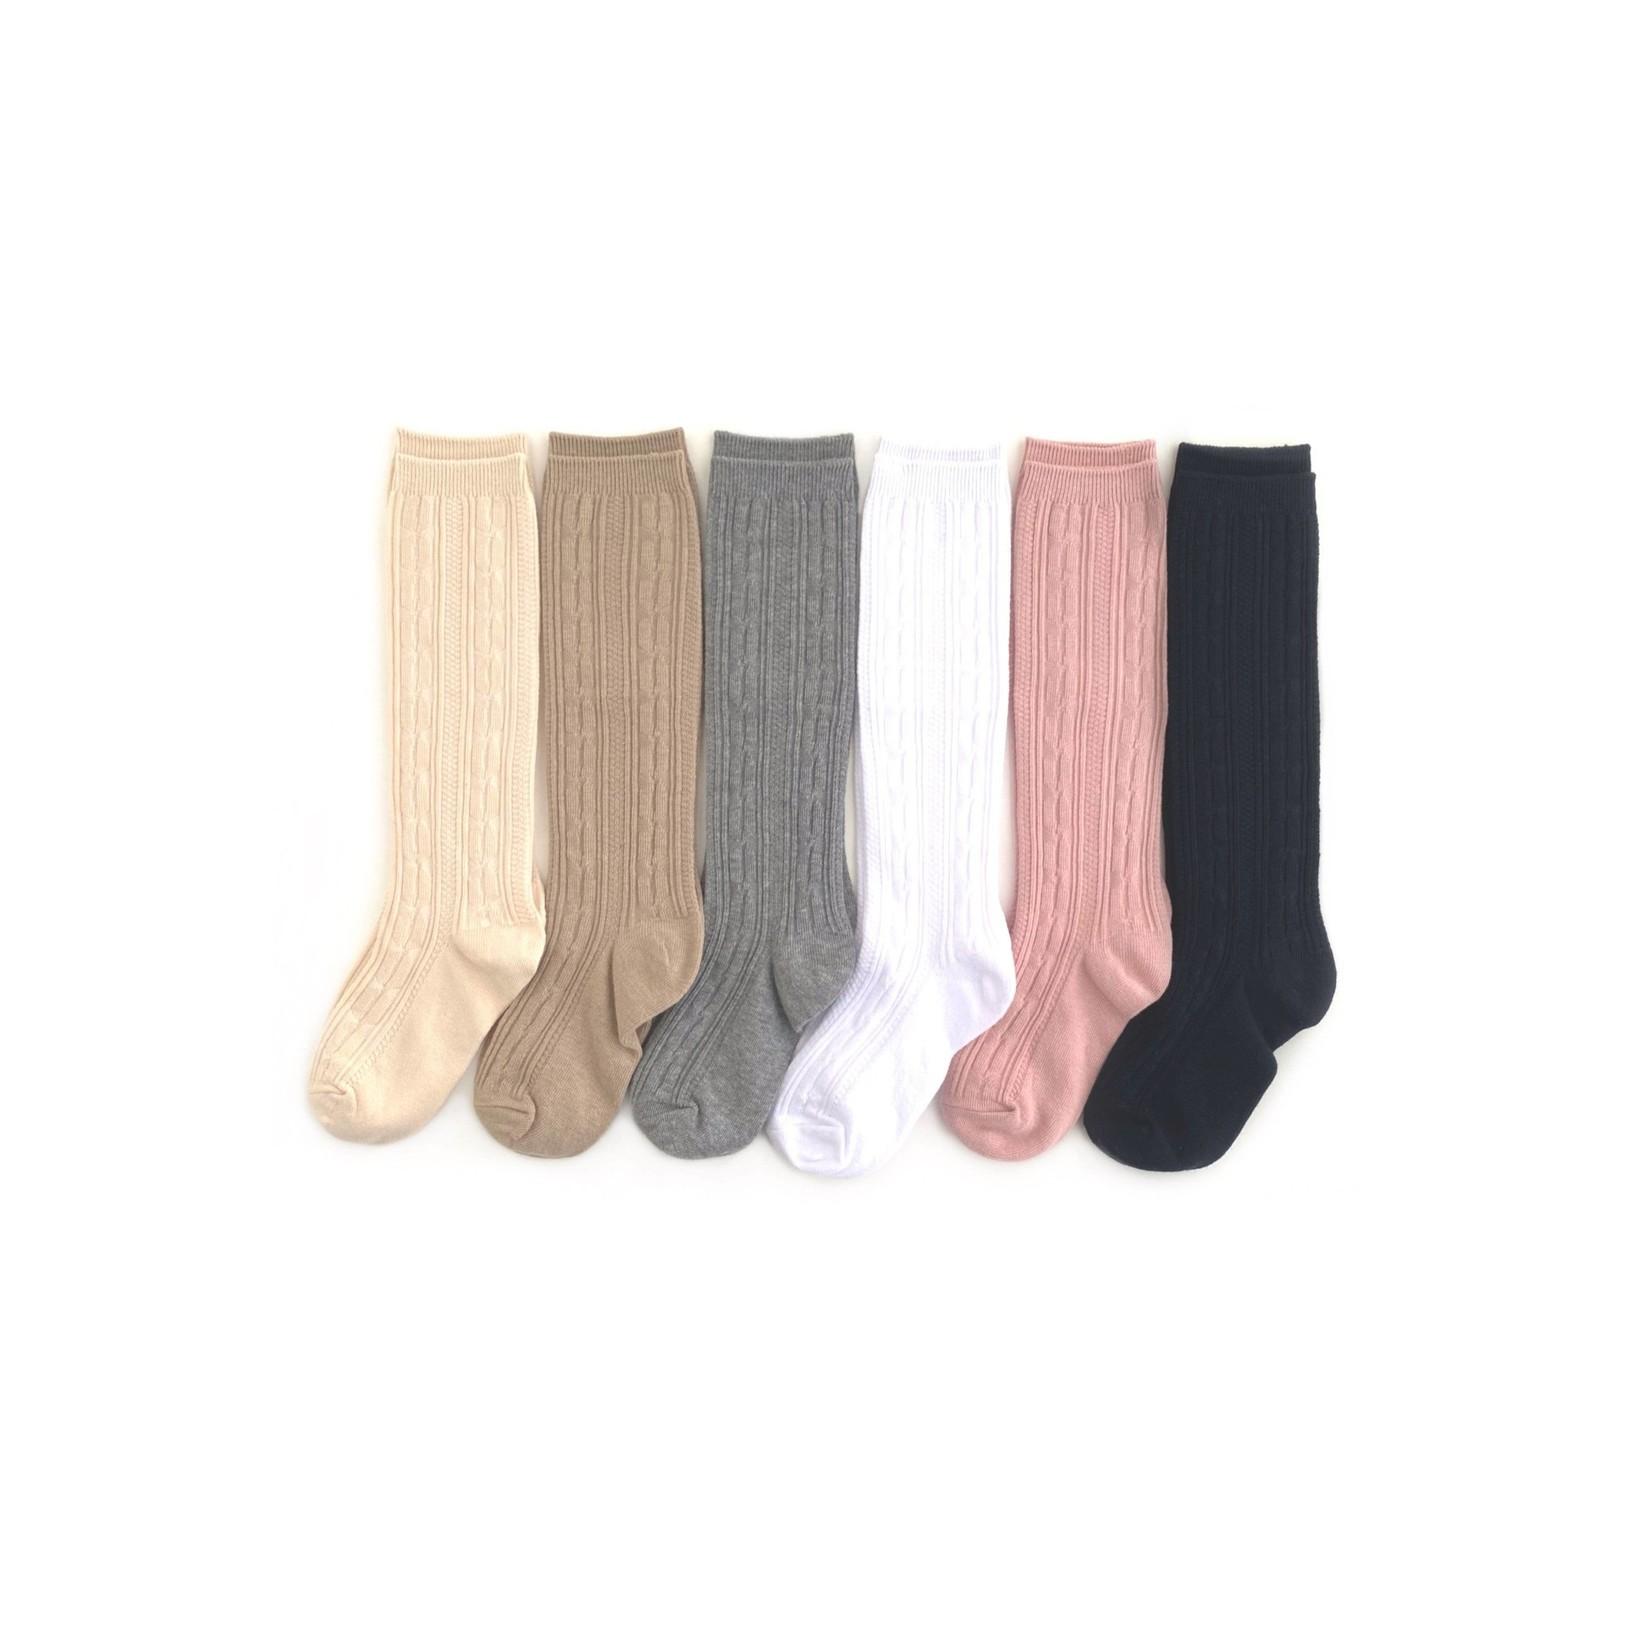 Little Stocking Co. Basics + Neutrals Cable Knit Bundle